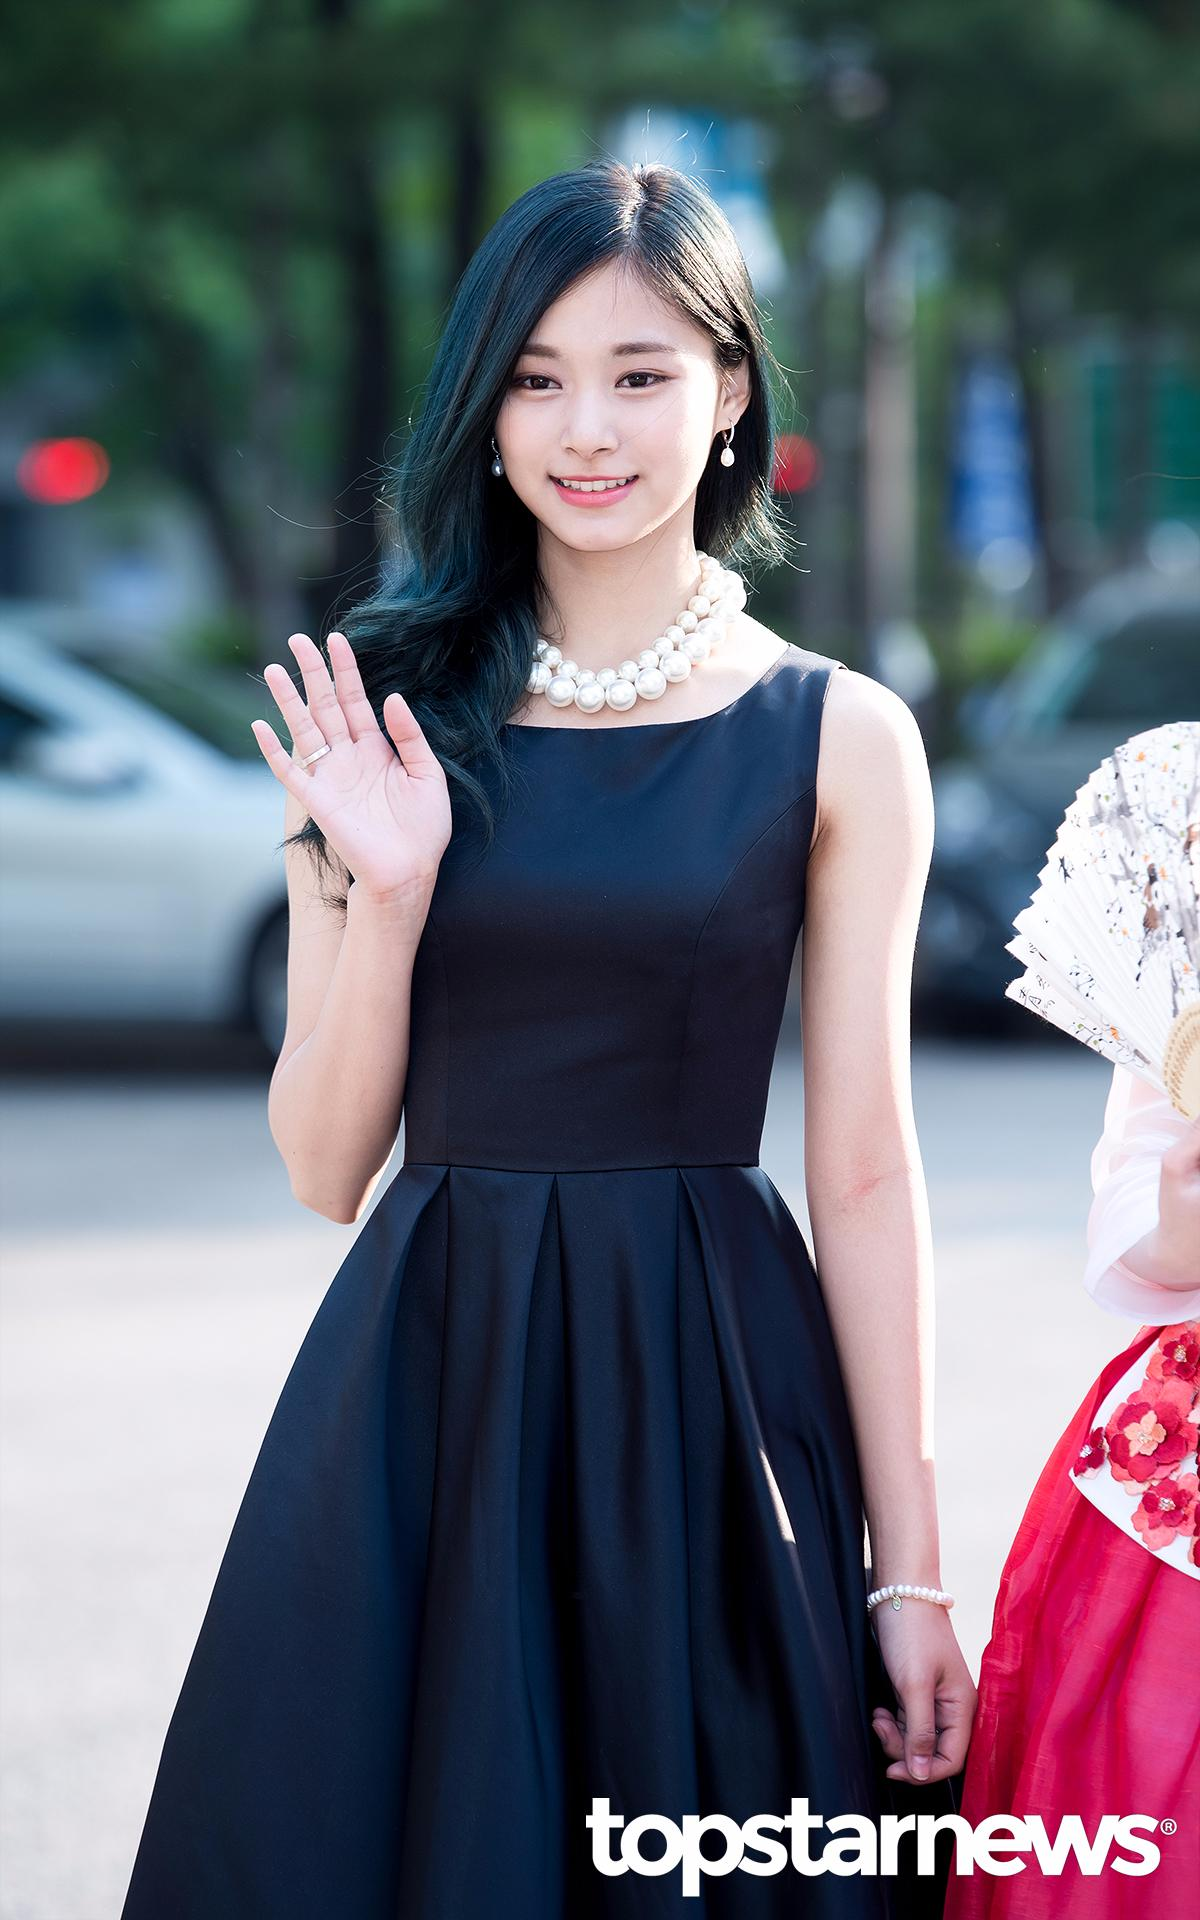 想必大家都很喜歡TWICE子瑜在MV中穿的這套黑色連身洋裝吧?完全襯托出子瑜典雅又精緻的美貌♥